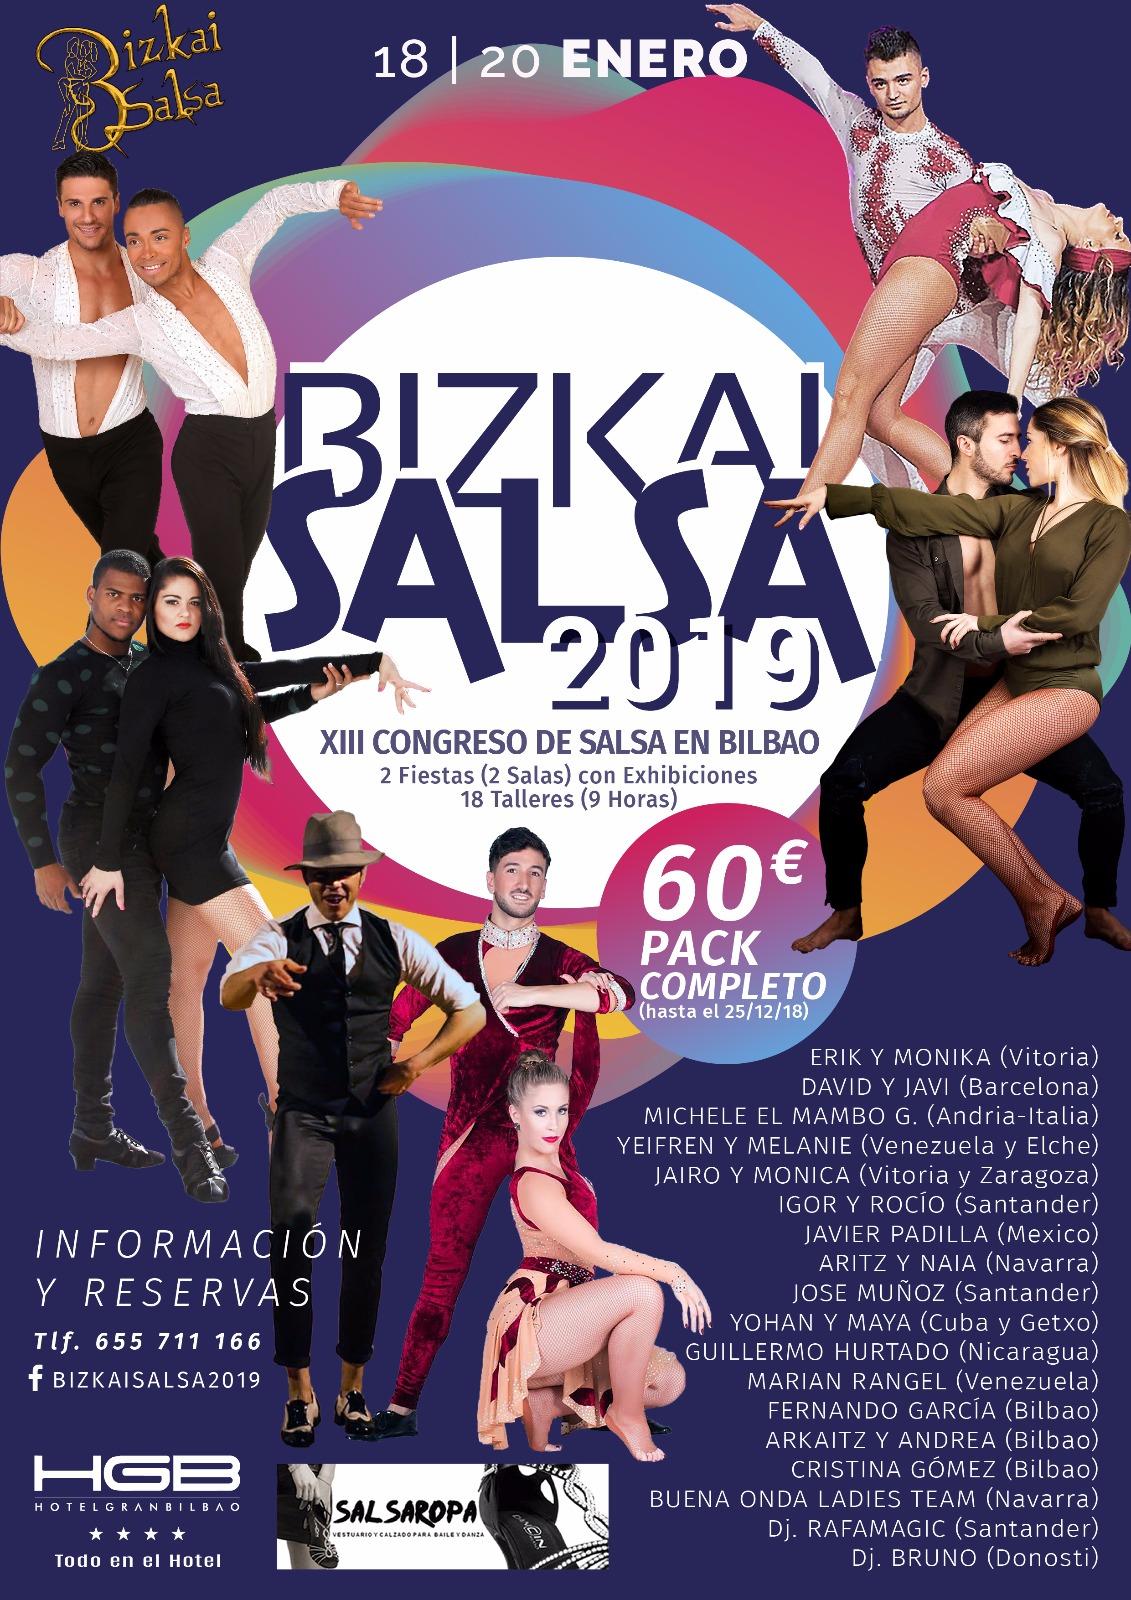 cartel Bizkaisalsa